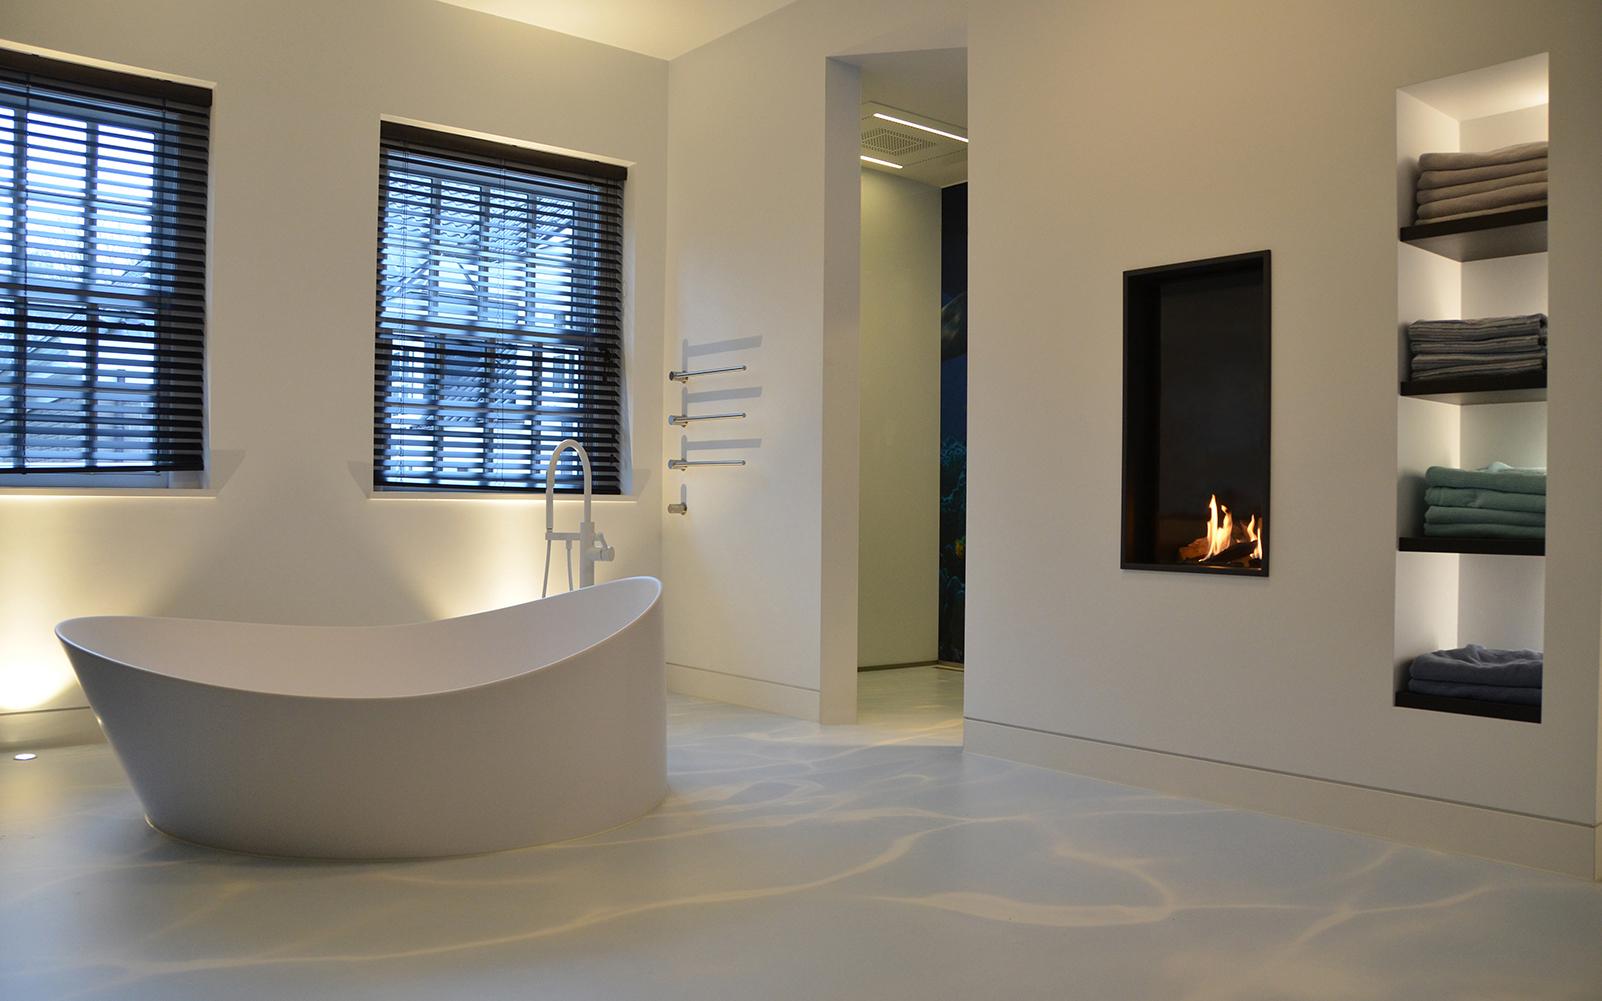 badkamer inspiratie, drijvers, badkamer